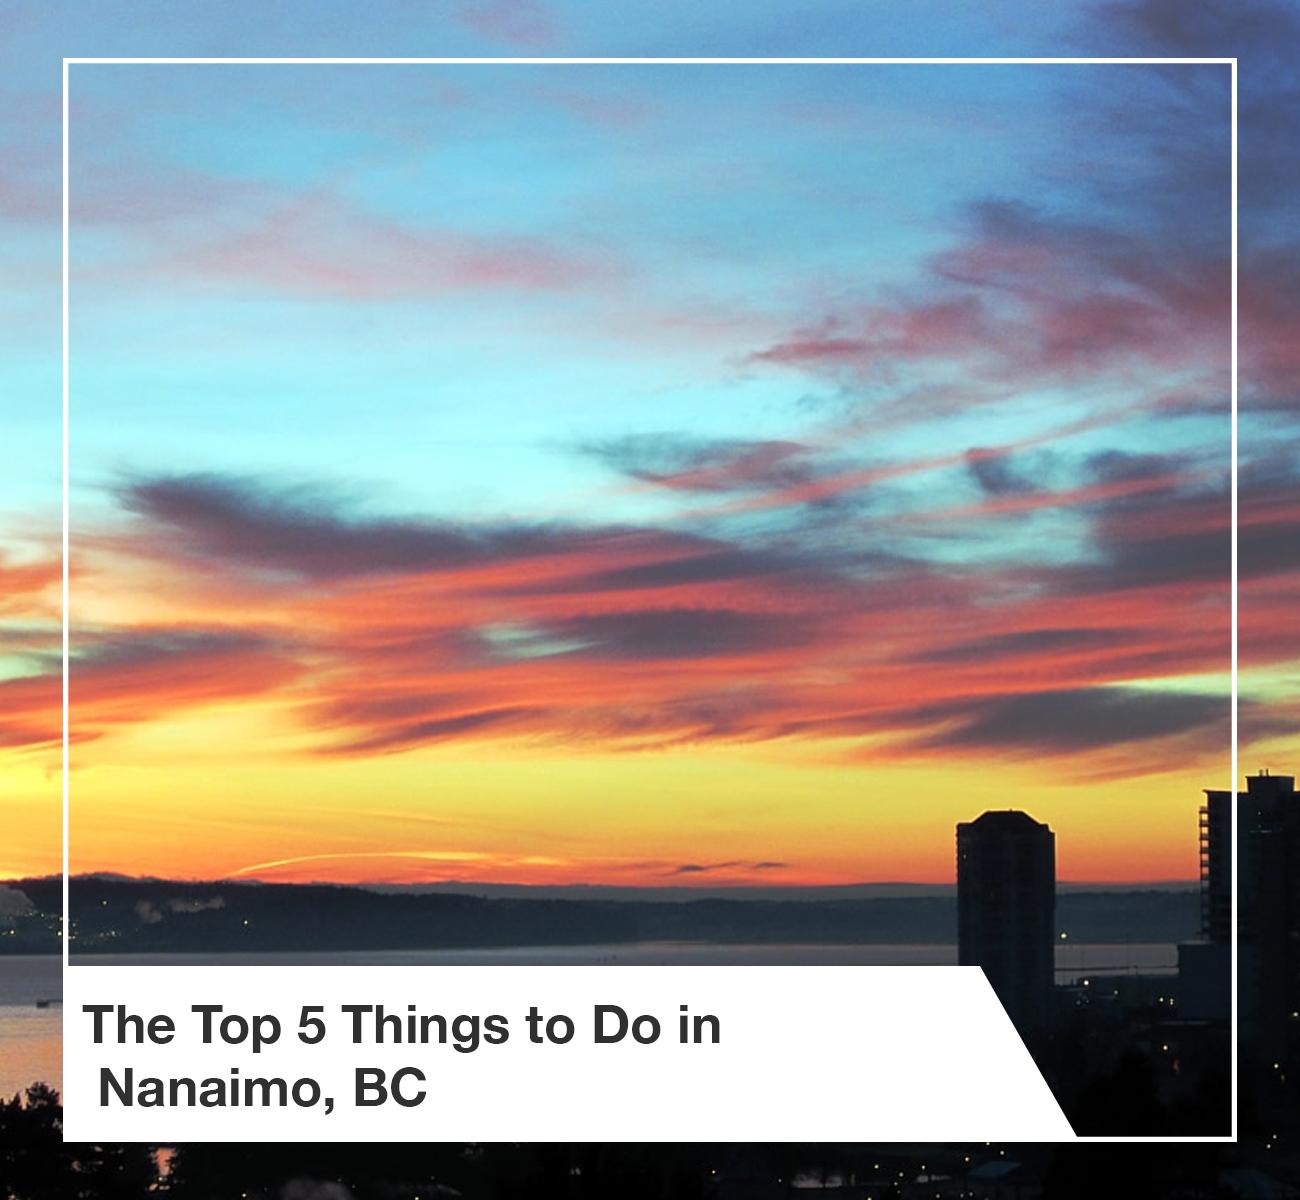 Top 5 things Nanaimo